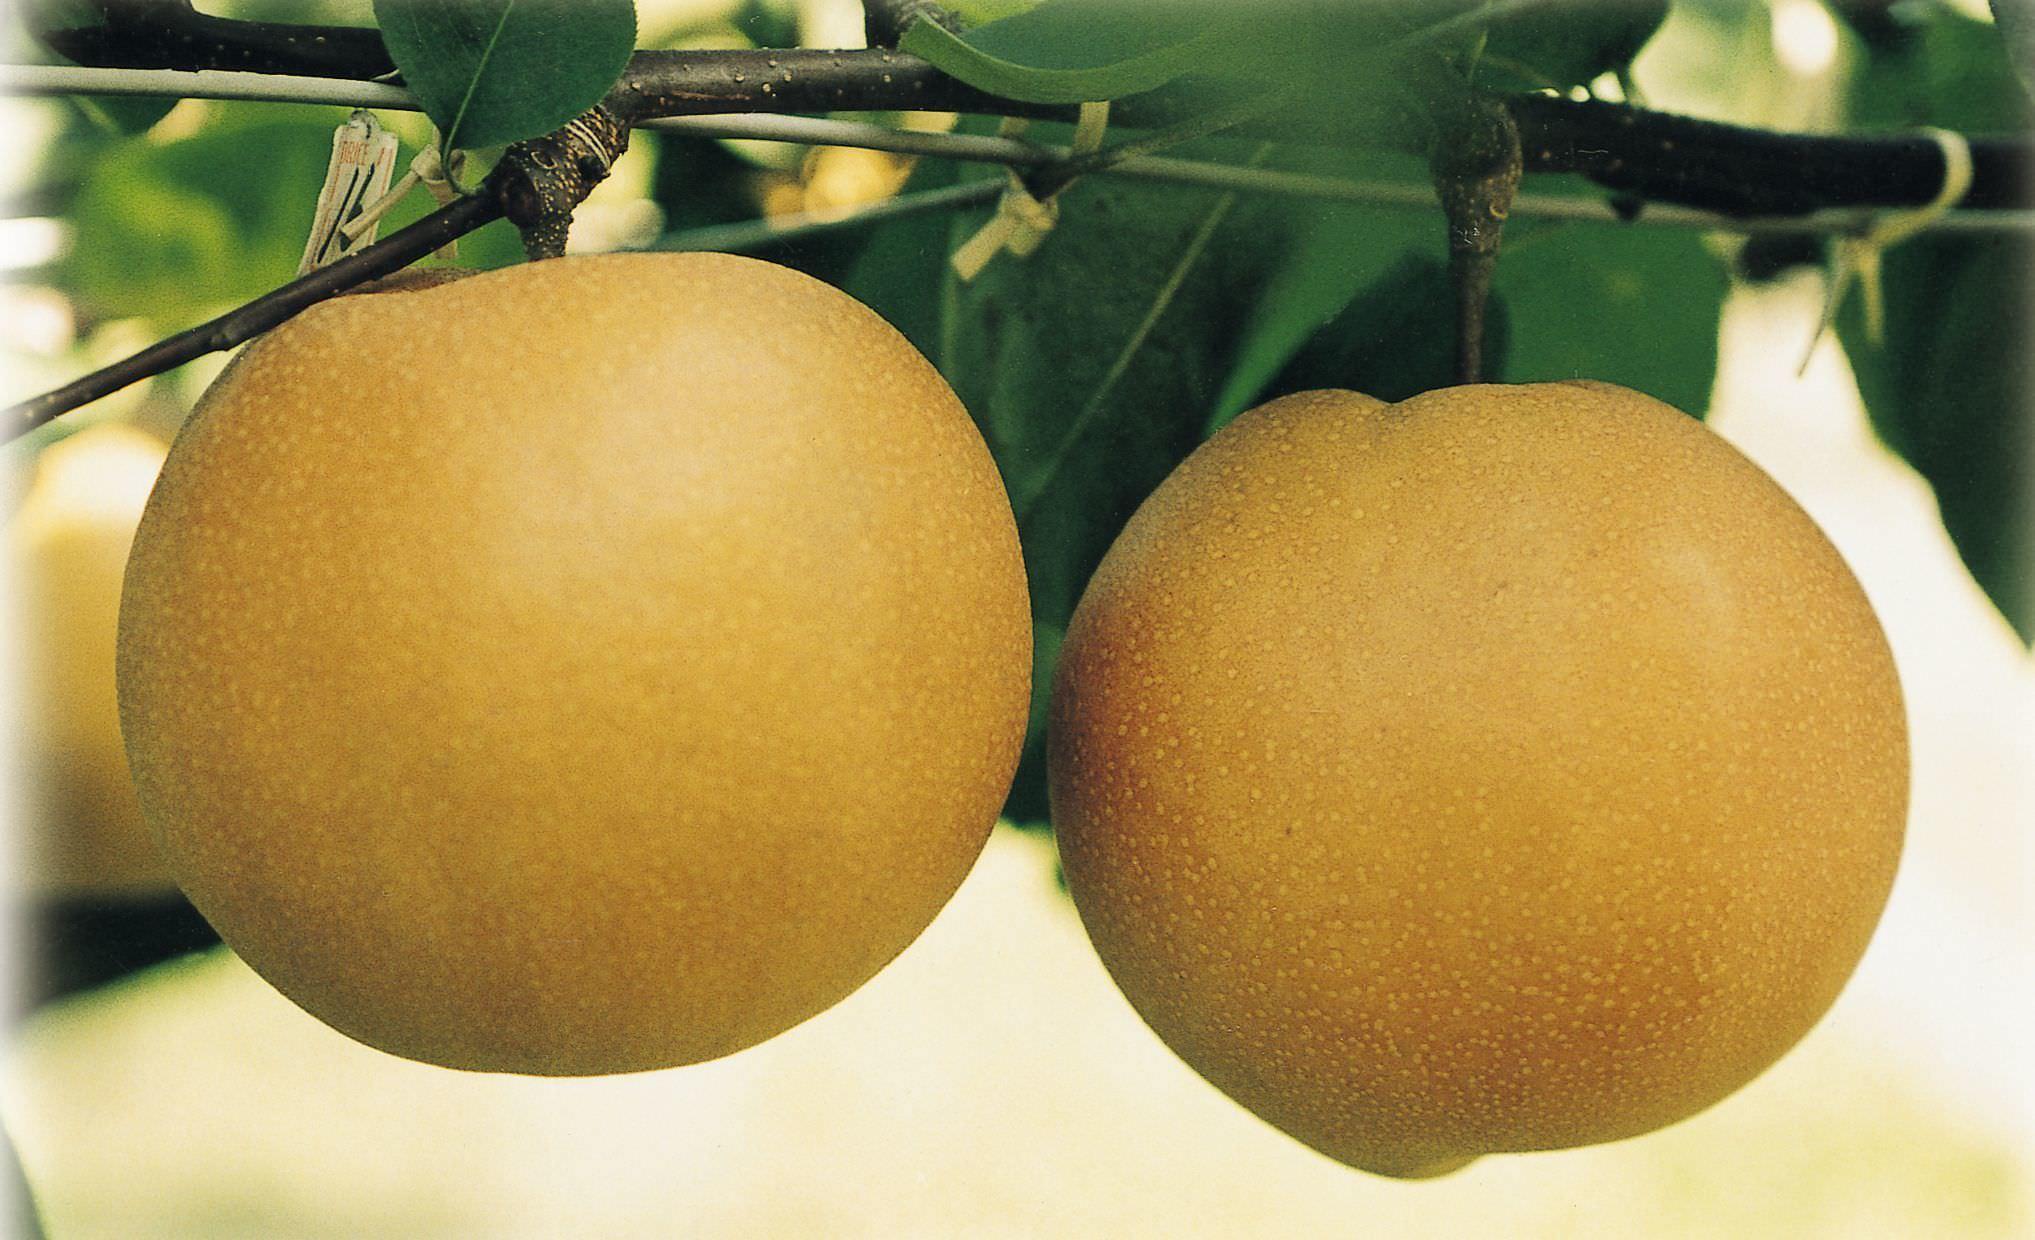 台風、豪雨を乗り越え、出荷の最盛期へ! 栃木ブランドの大玉『にっこり梨』